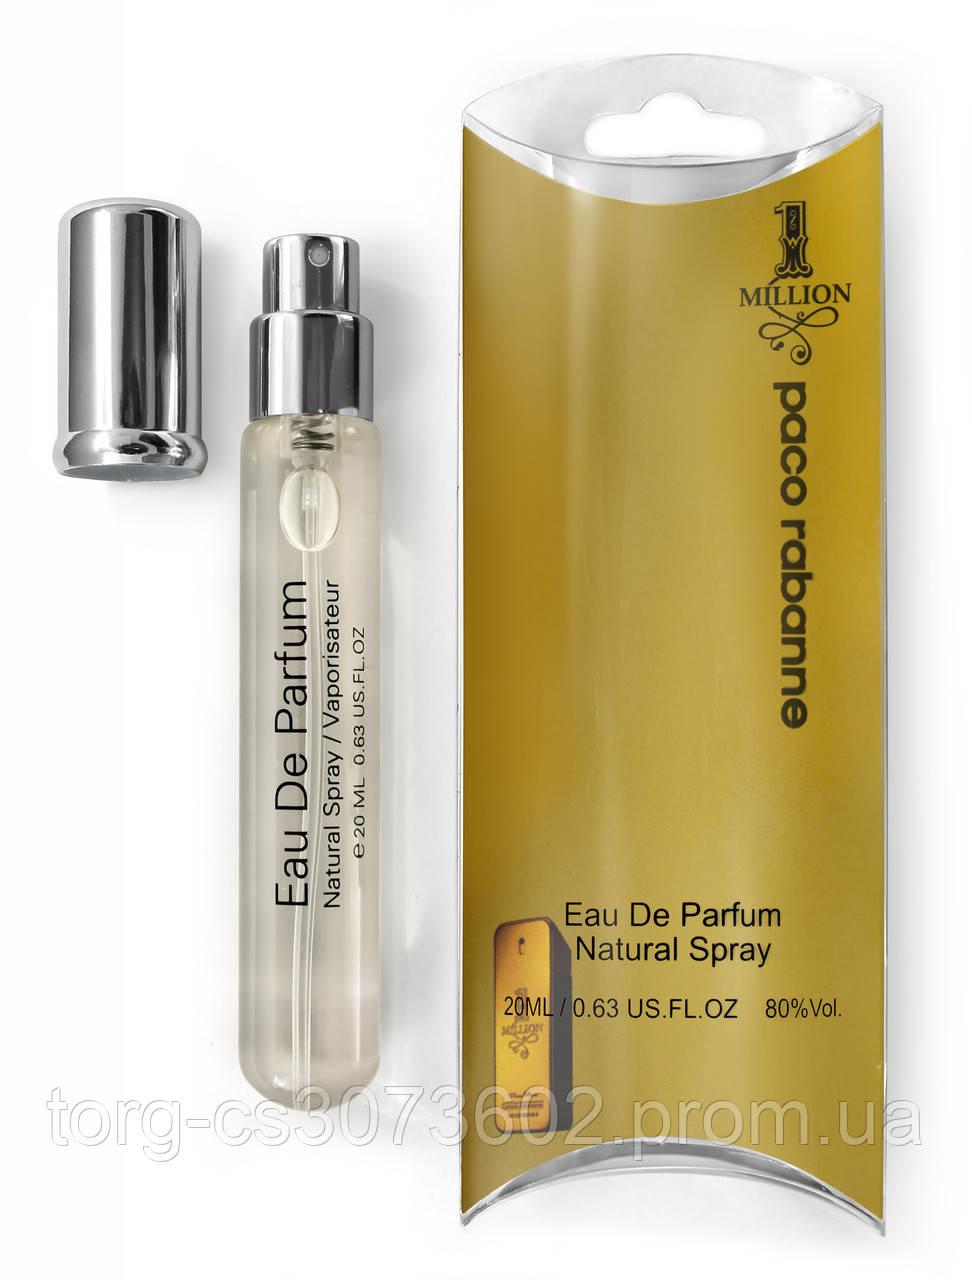 Мини-парфюм мужской Paco Rabanne 1 Million, 20 мл.